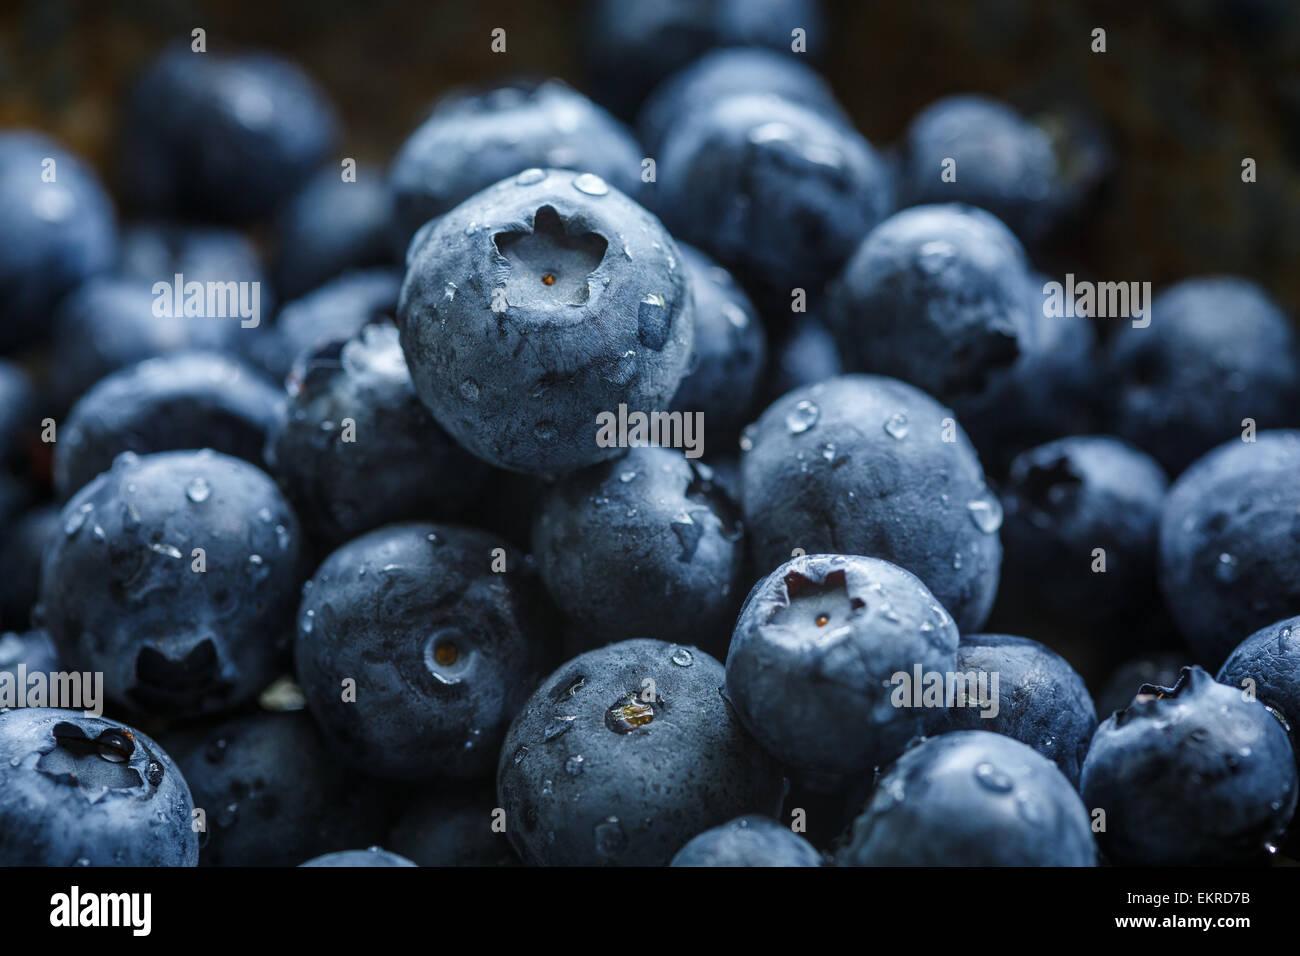 Les bleuets avec de l'eau gouttes Photo Stock